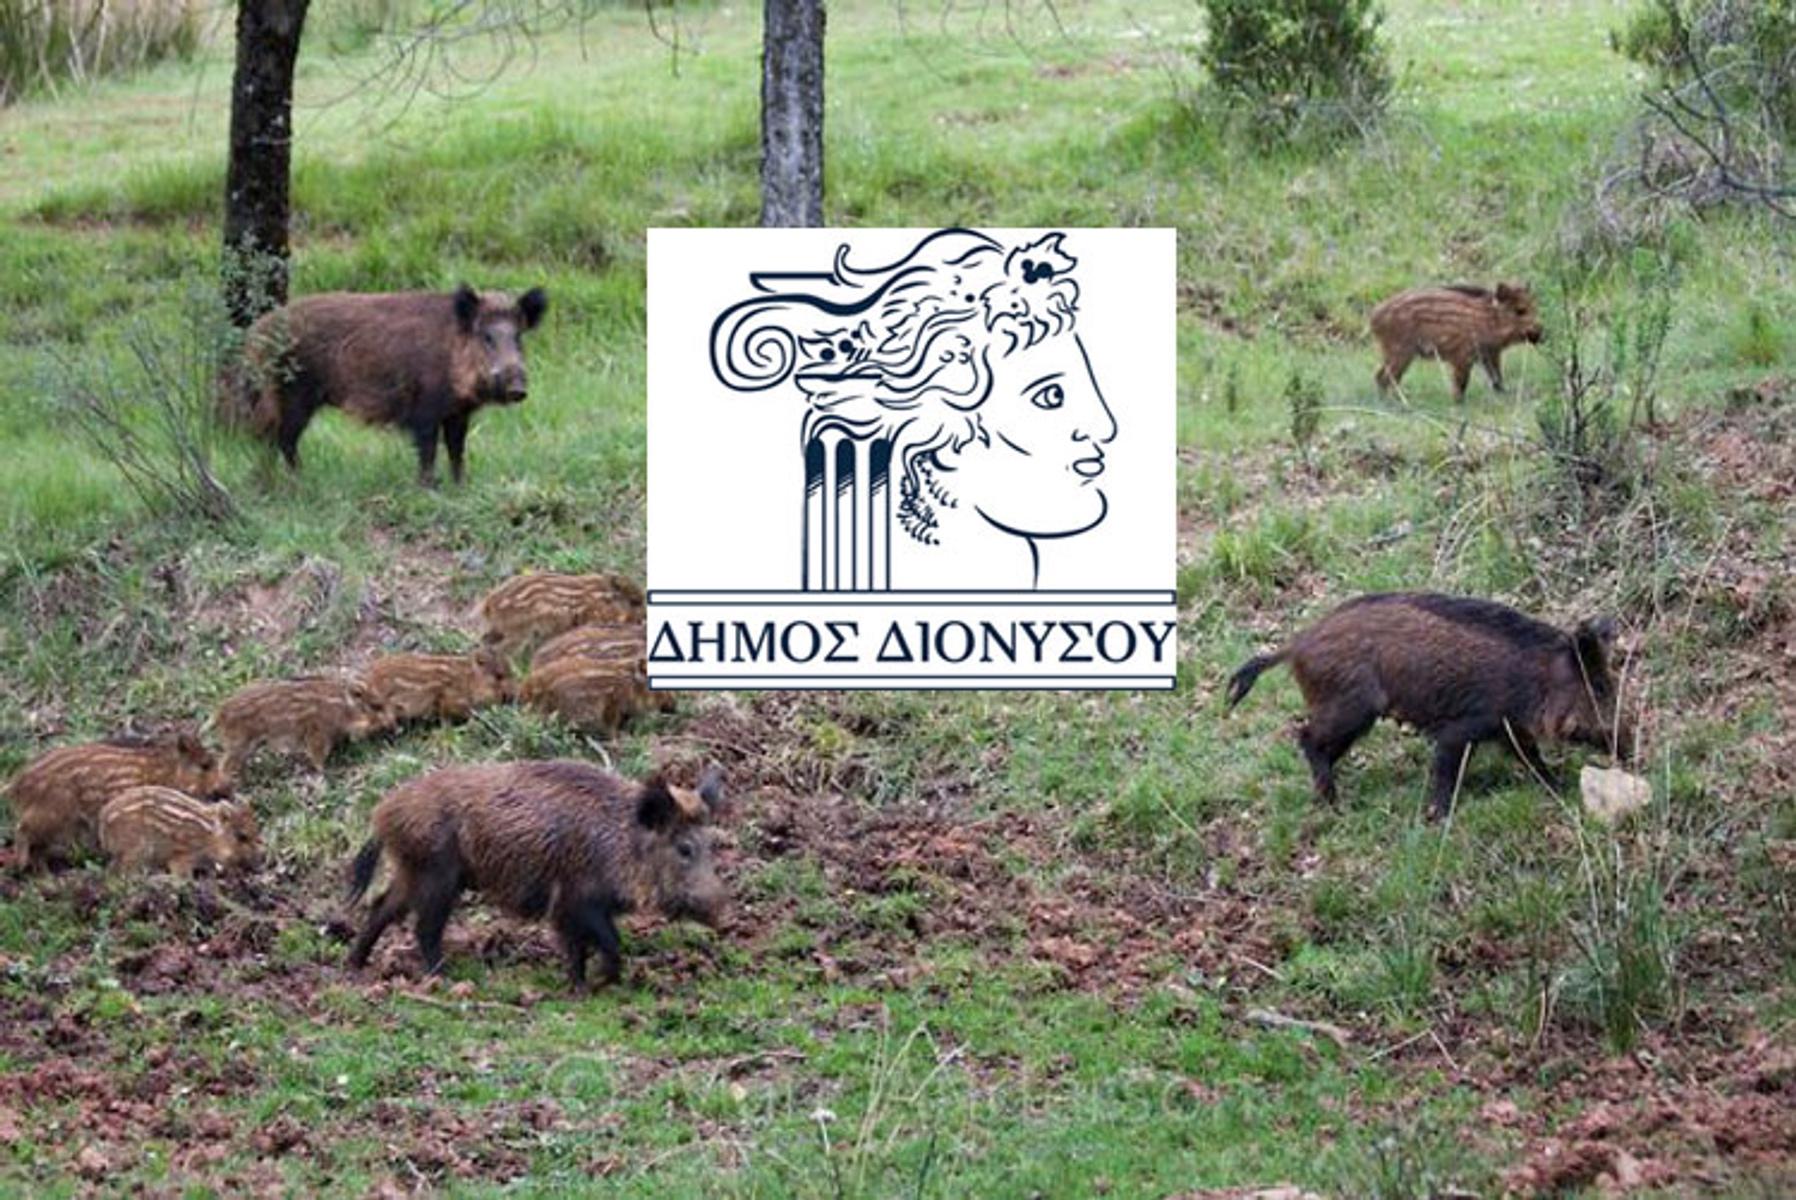 Προσοχή στα αγριογούρουνα στον Διόνυσο! Οδηγίες του δήμου